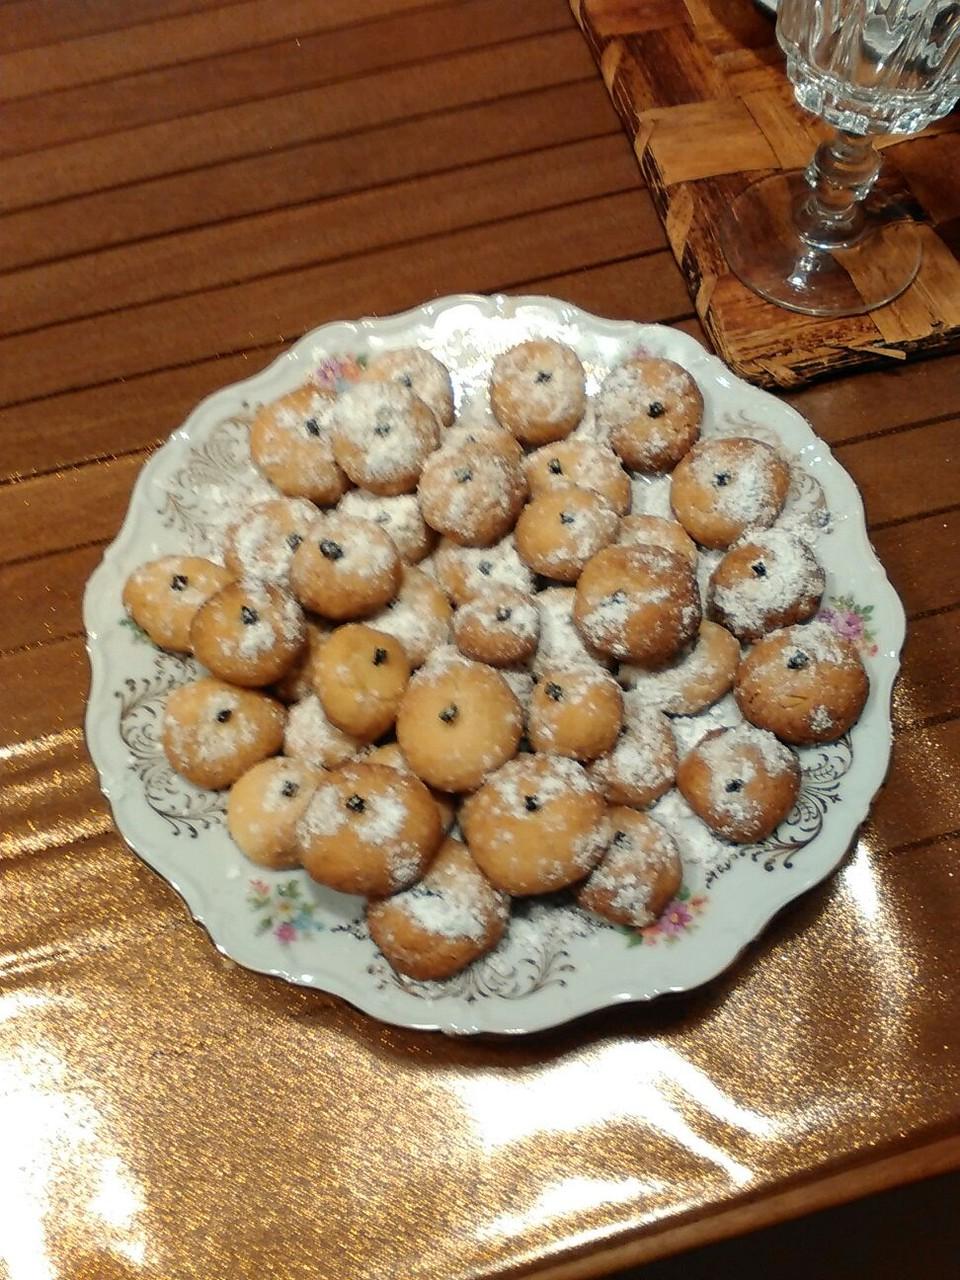 Couraiebe, dolcetti egiziani